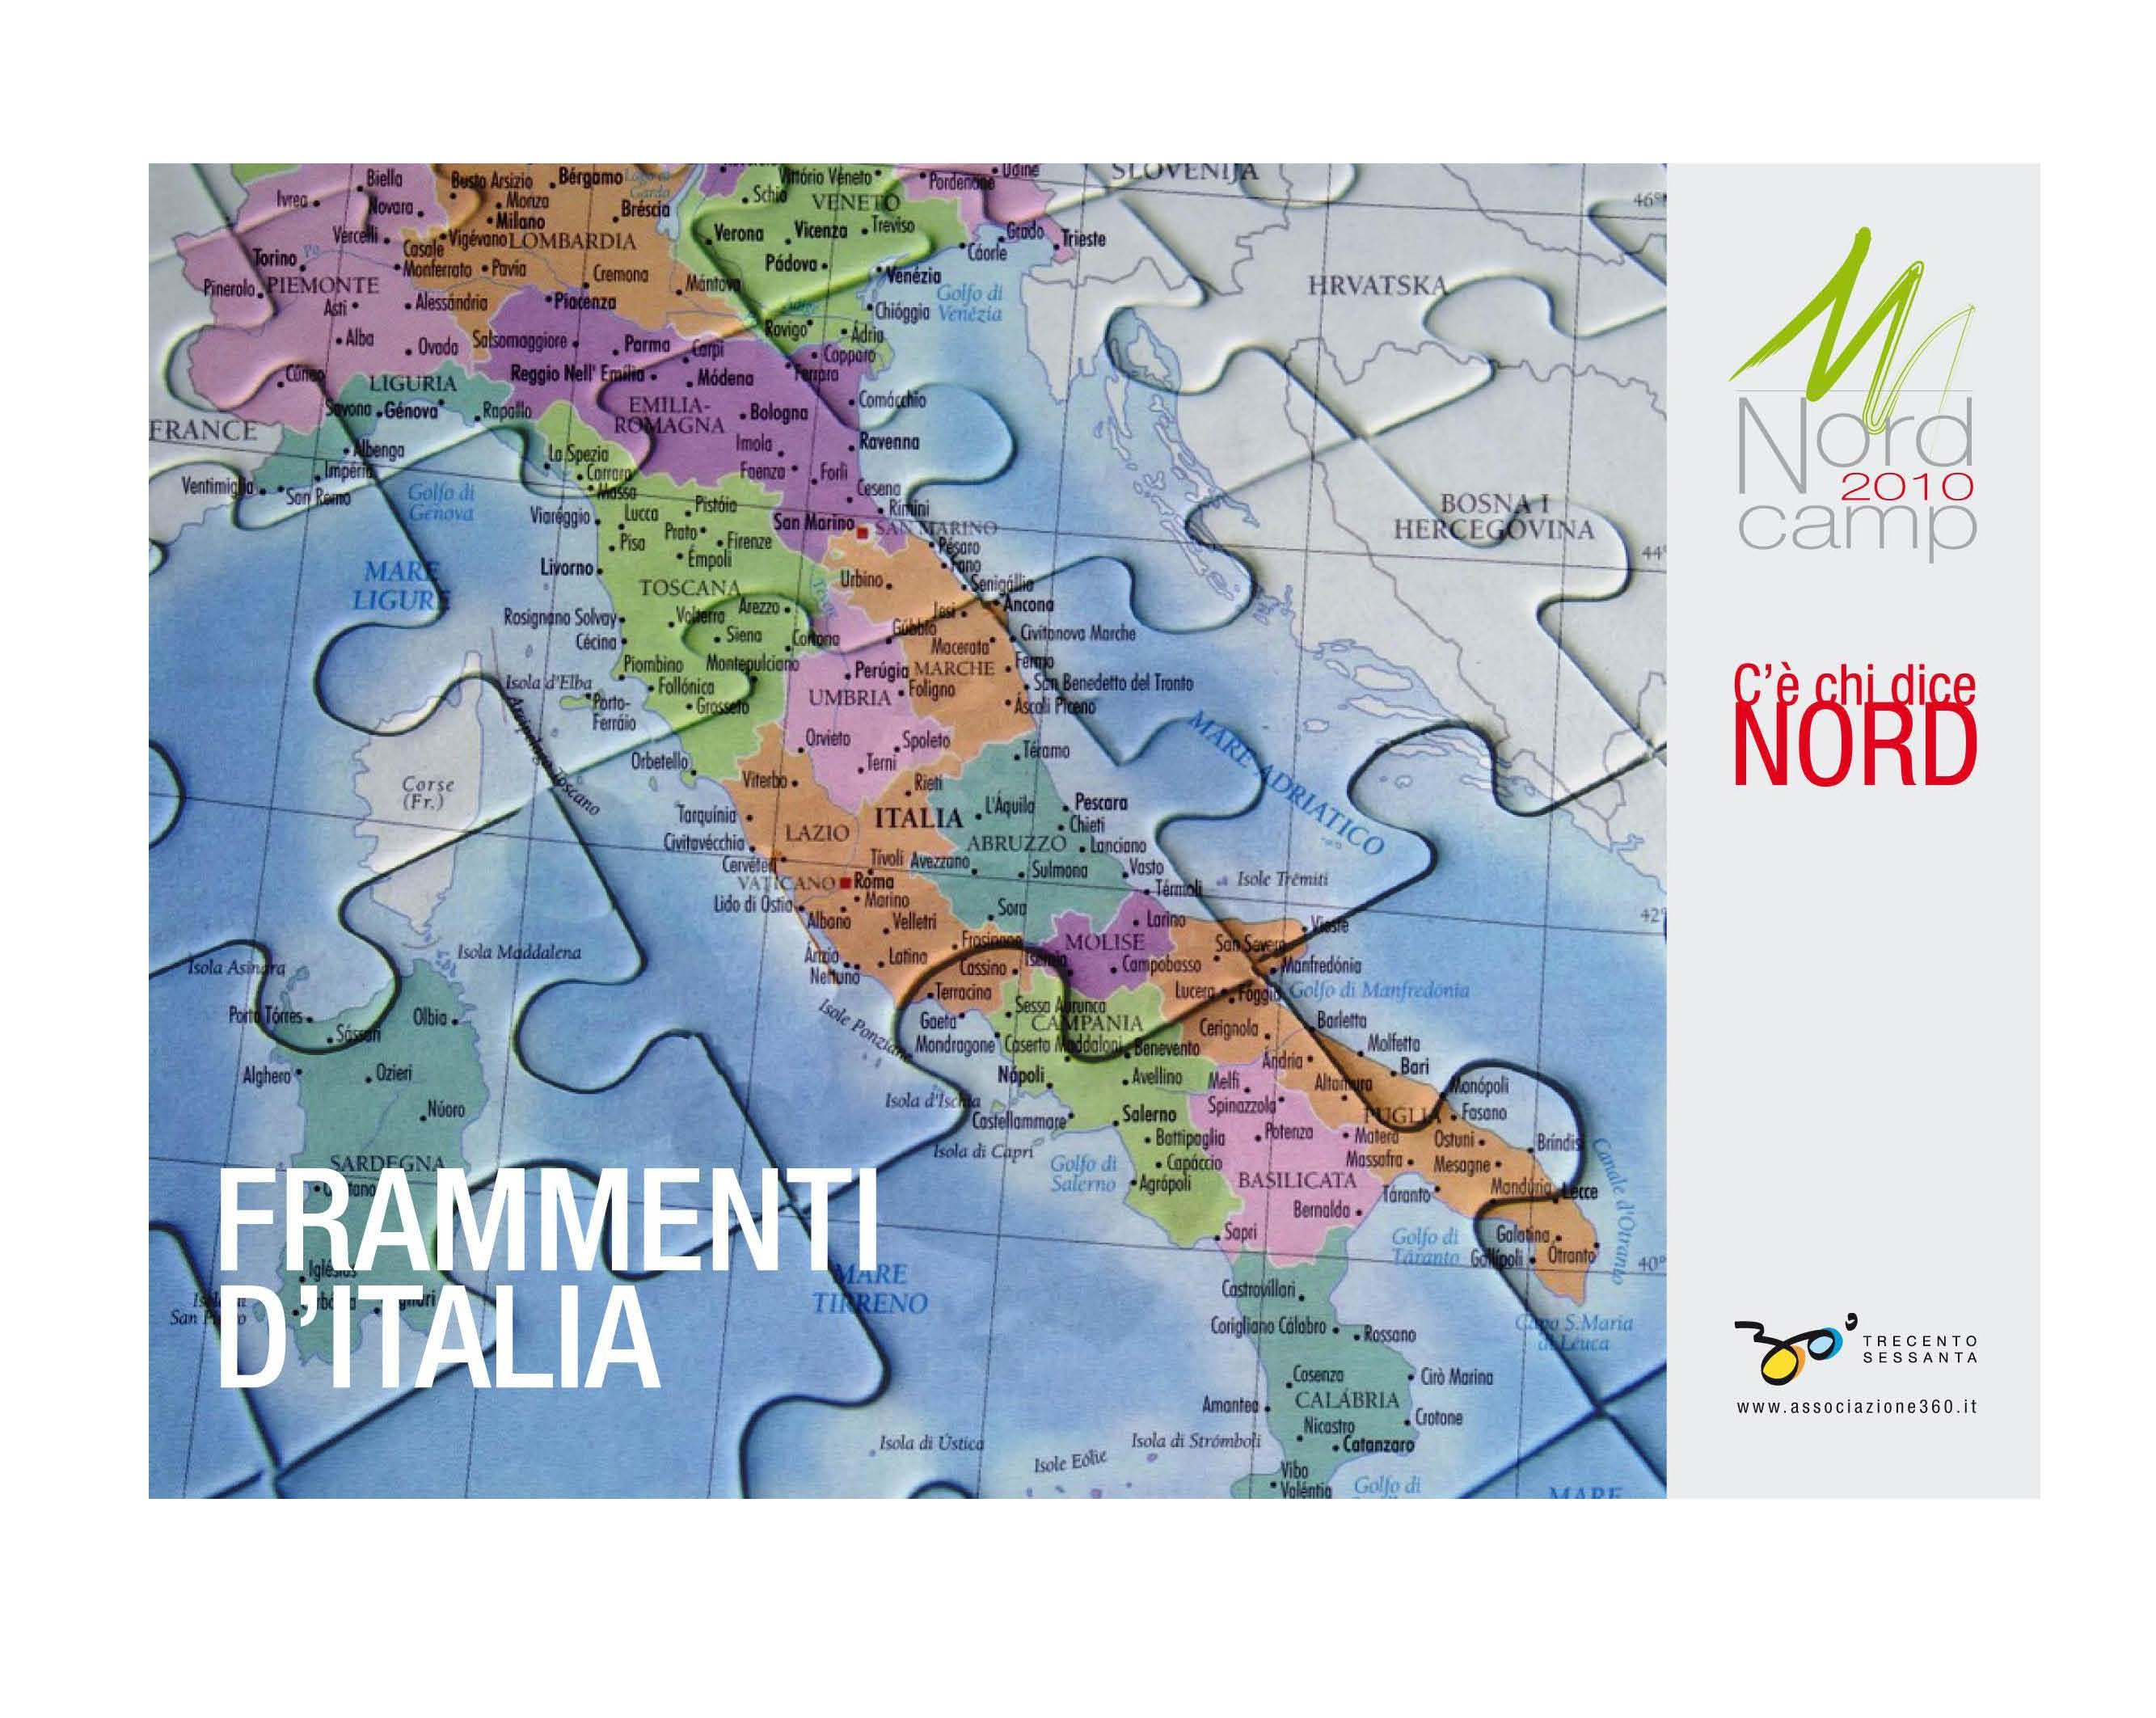 FRAMMENTI D'ITALIA: Dossier sulle Entrate e sulle Spese delle Regioni Italiane.